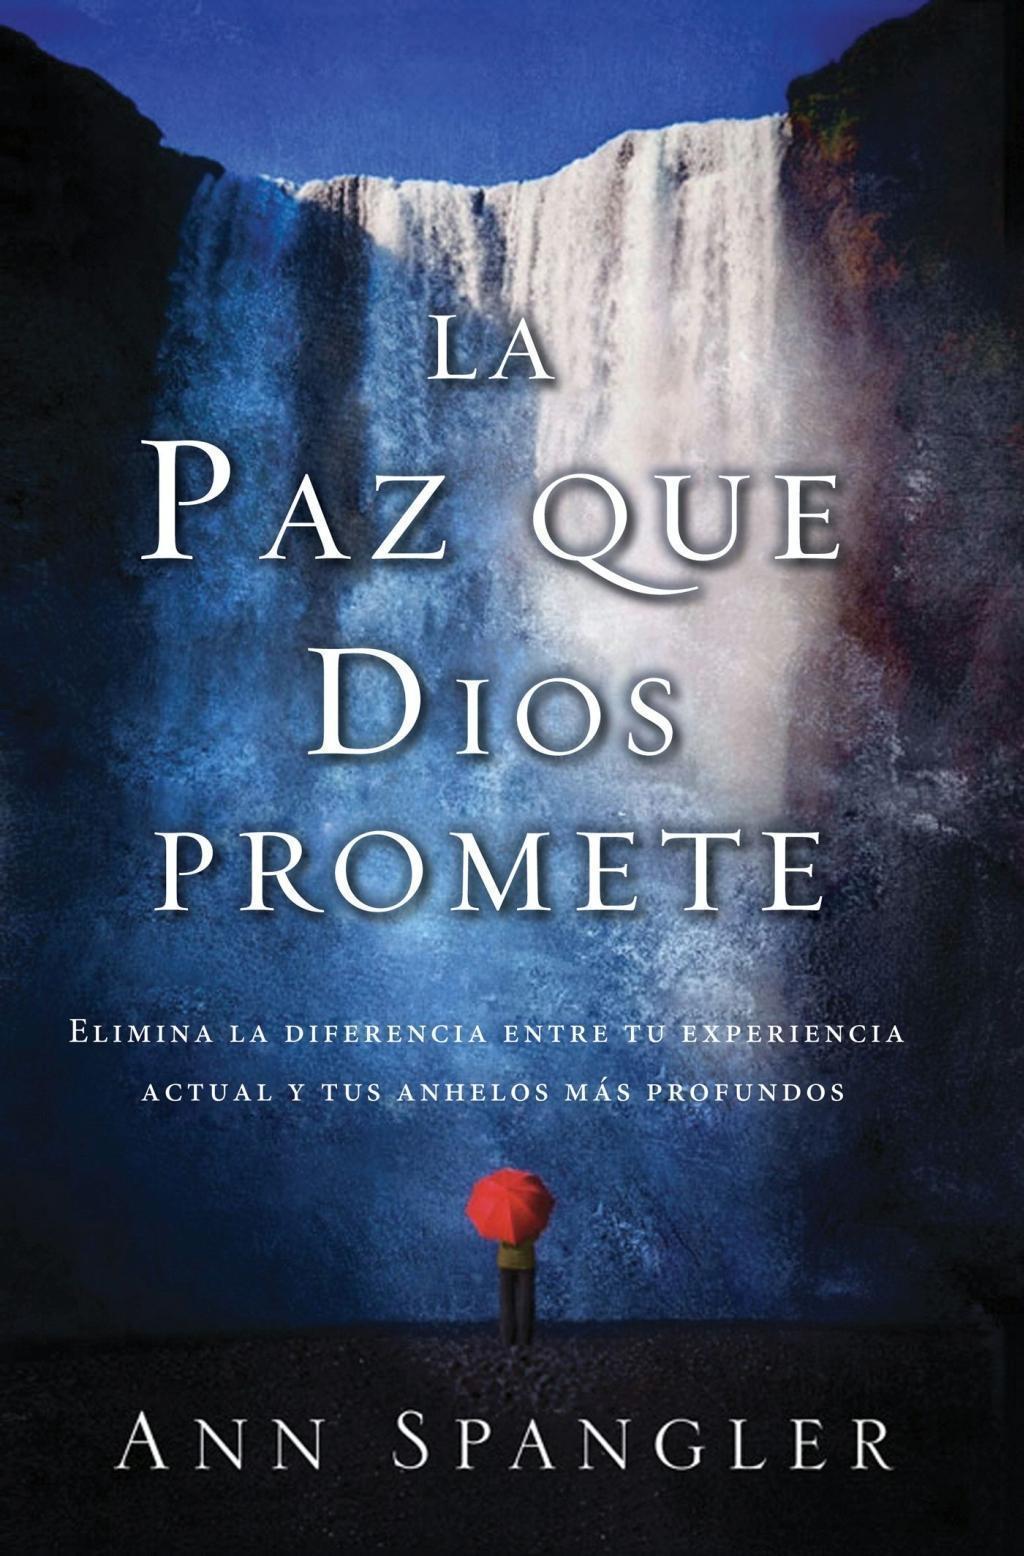 La paz que Dios promete